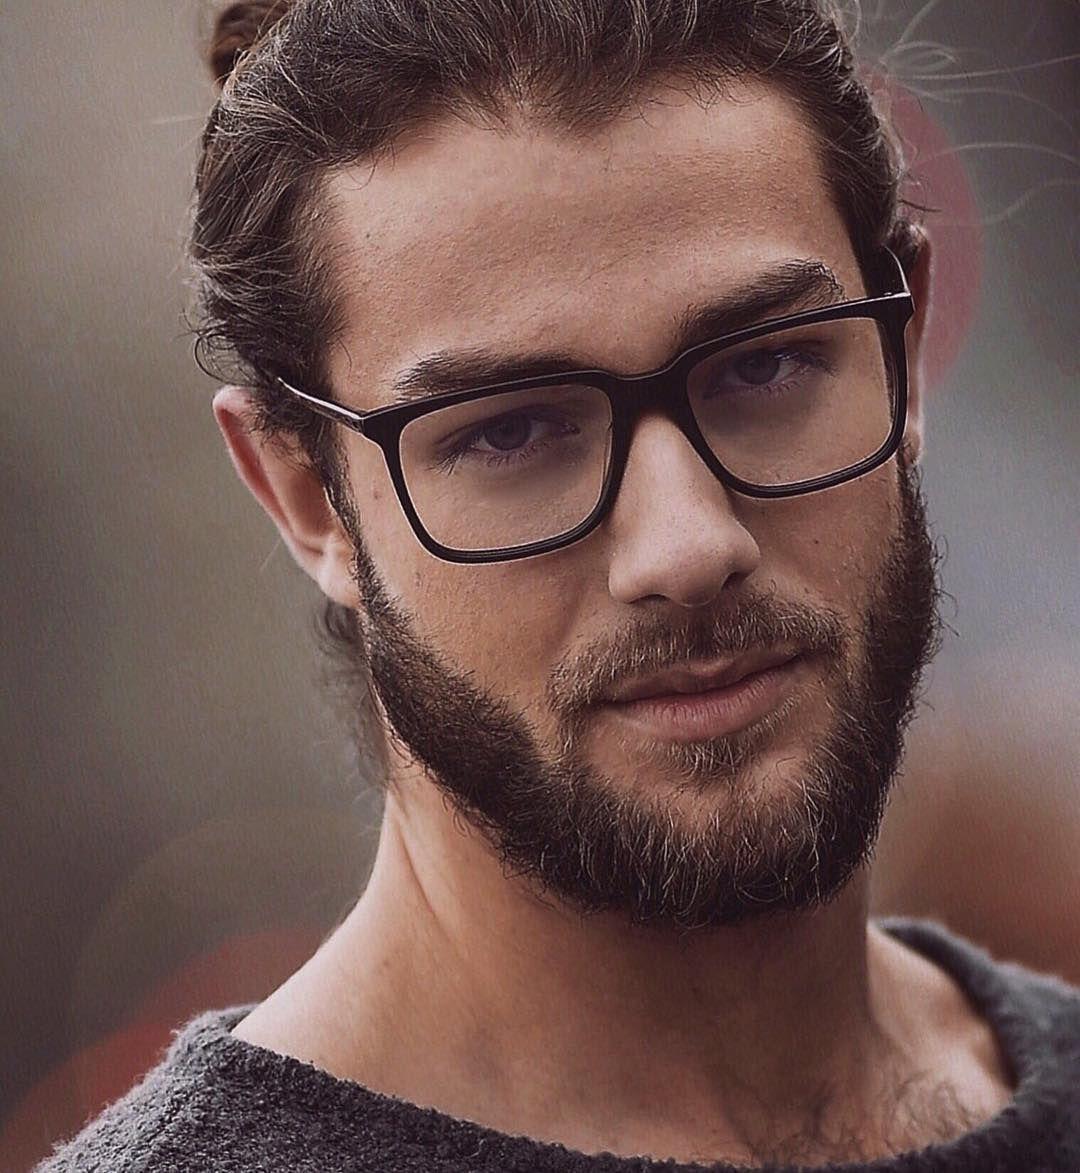 фото небритого мужчины в очках часто старых советских